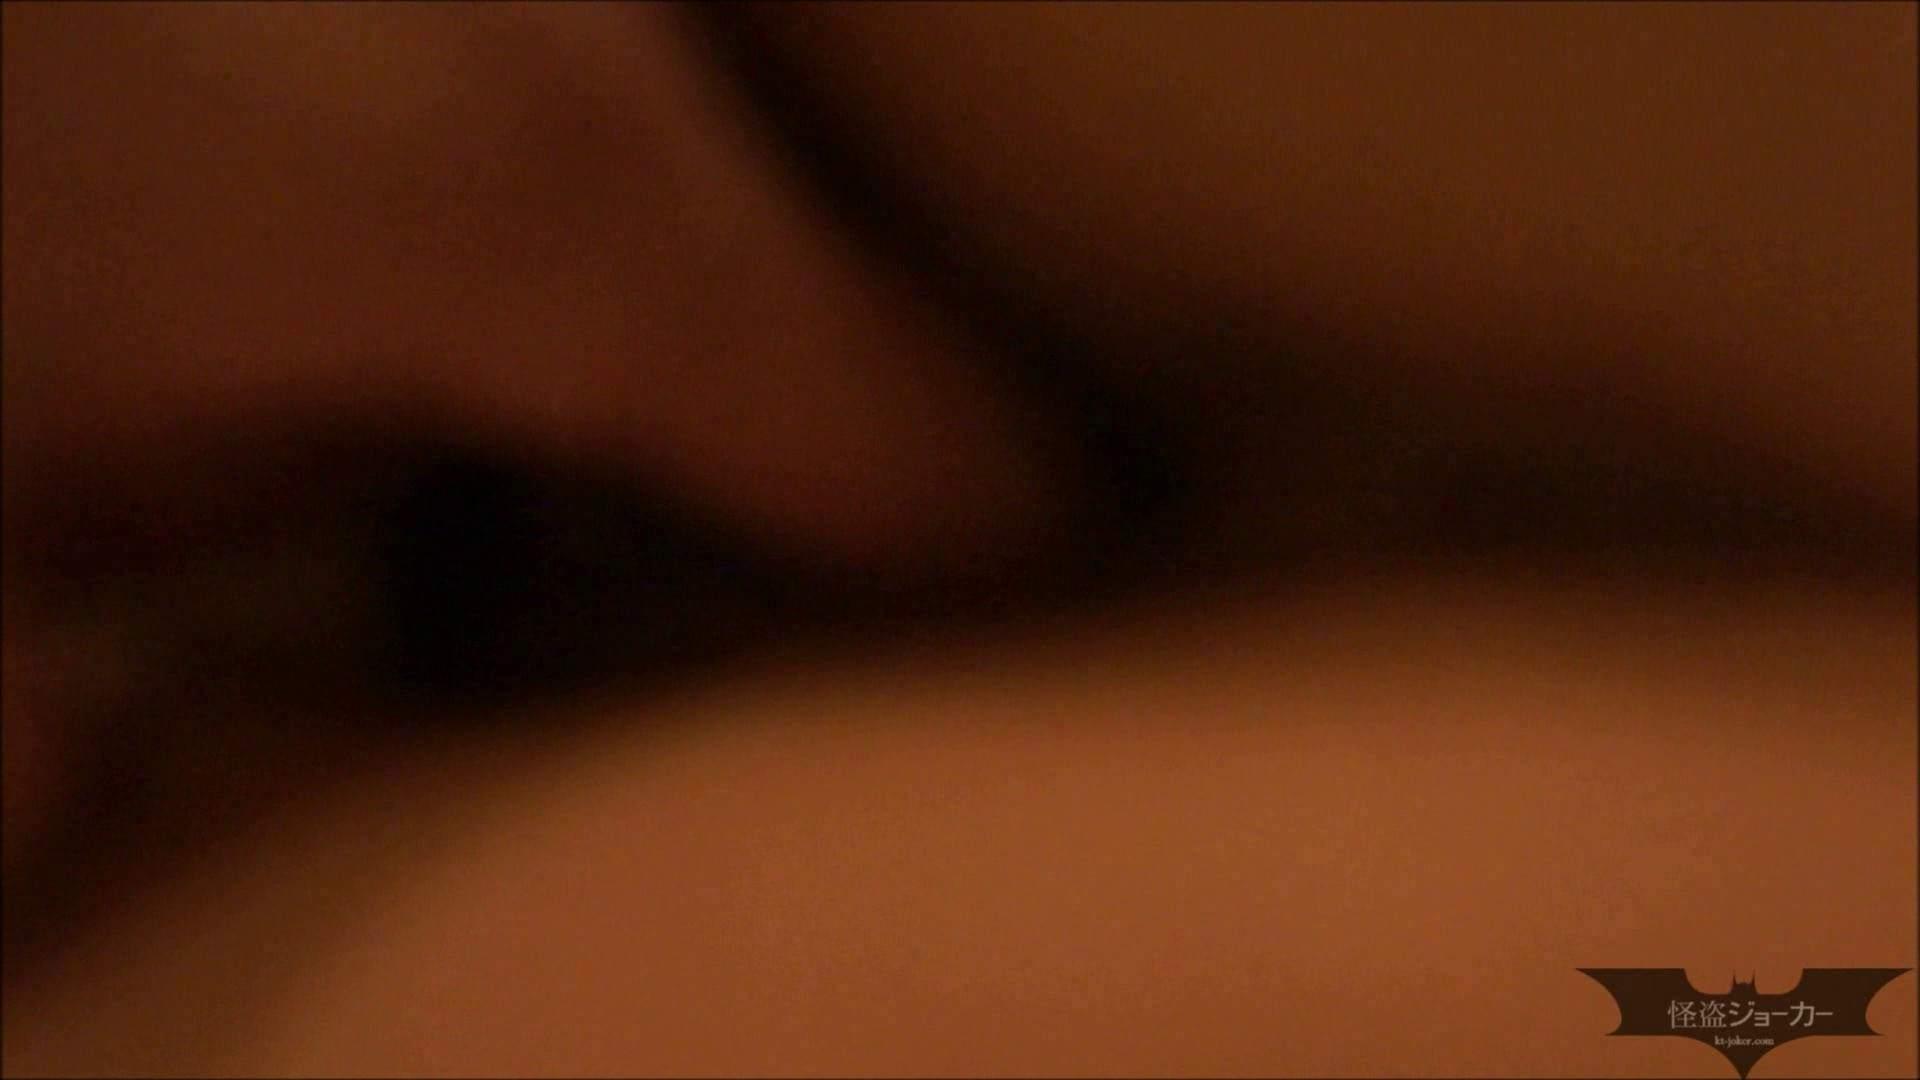 【未公開】vol.19 セレブ美魔女・仕事帰りに口淫、膣内射精、滴り落ちる精液。 OLの実態 | 0  45pic 3